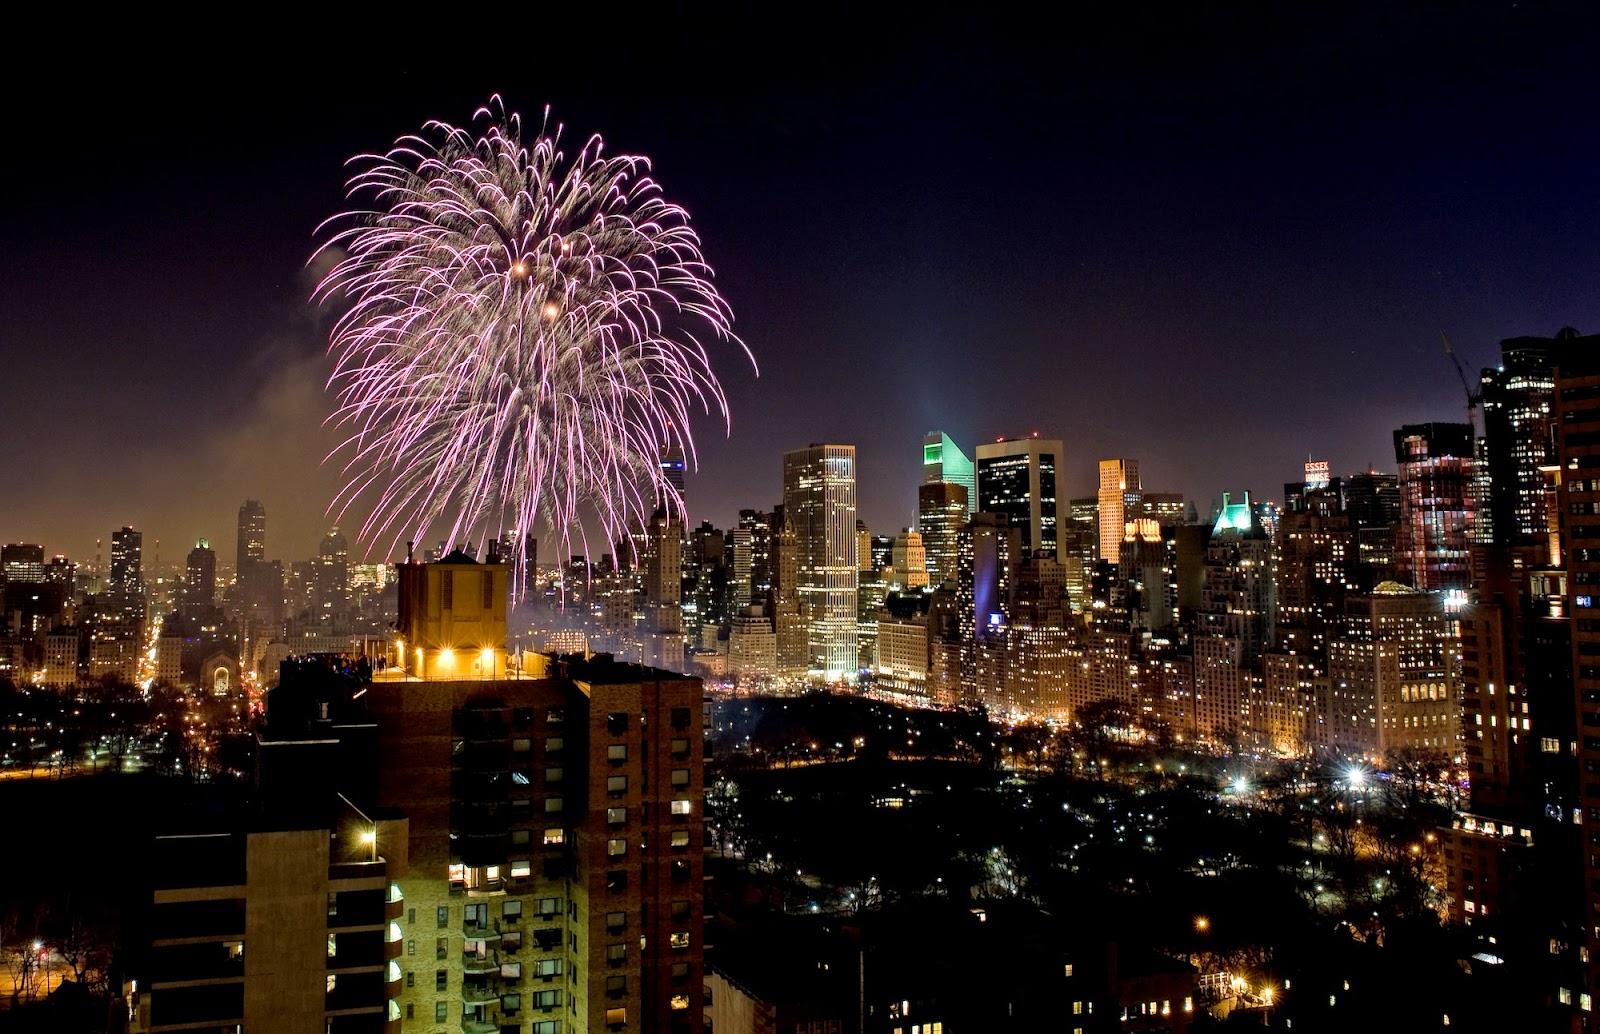 Fireworks in Central Park